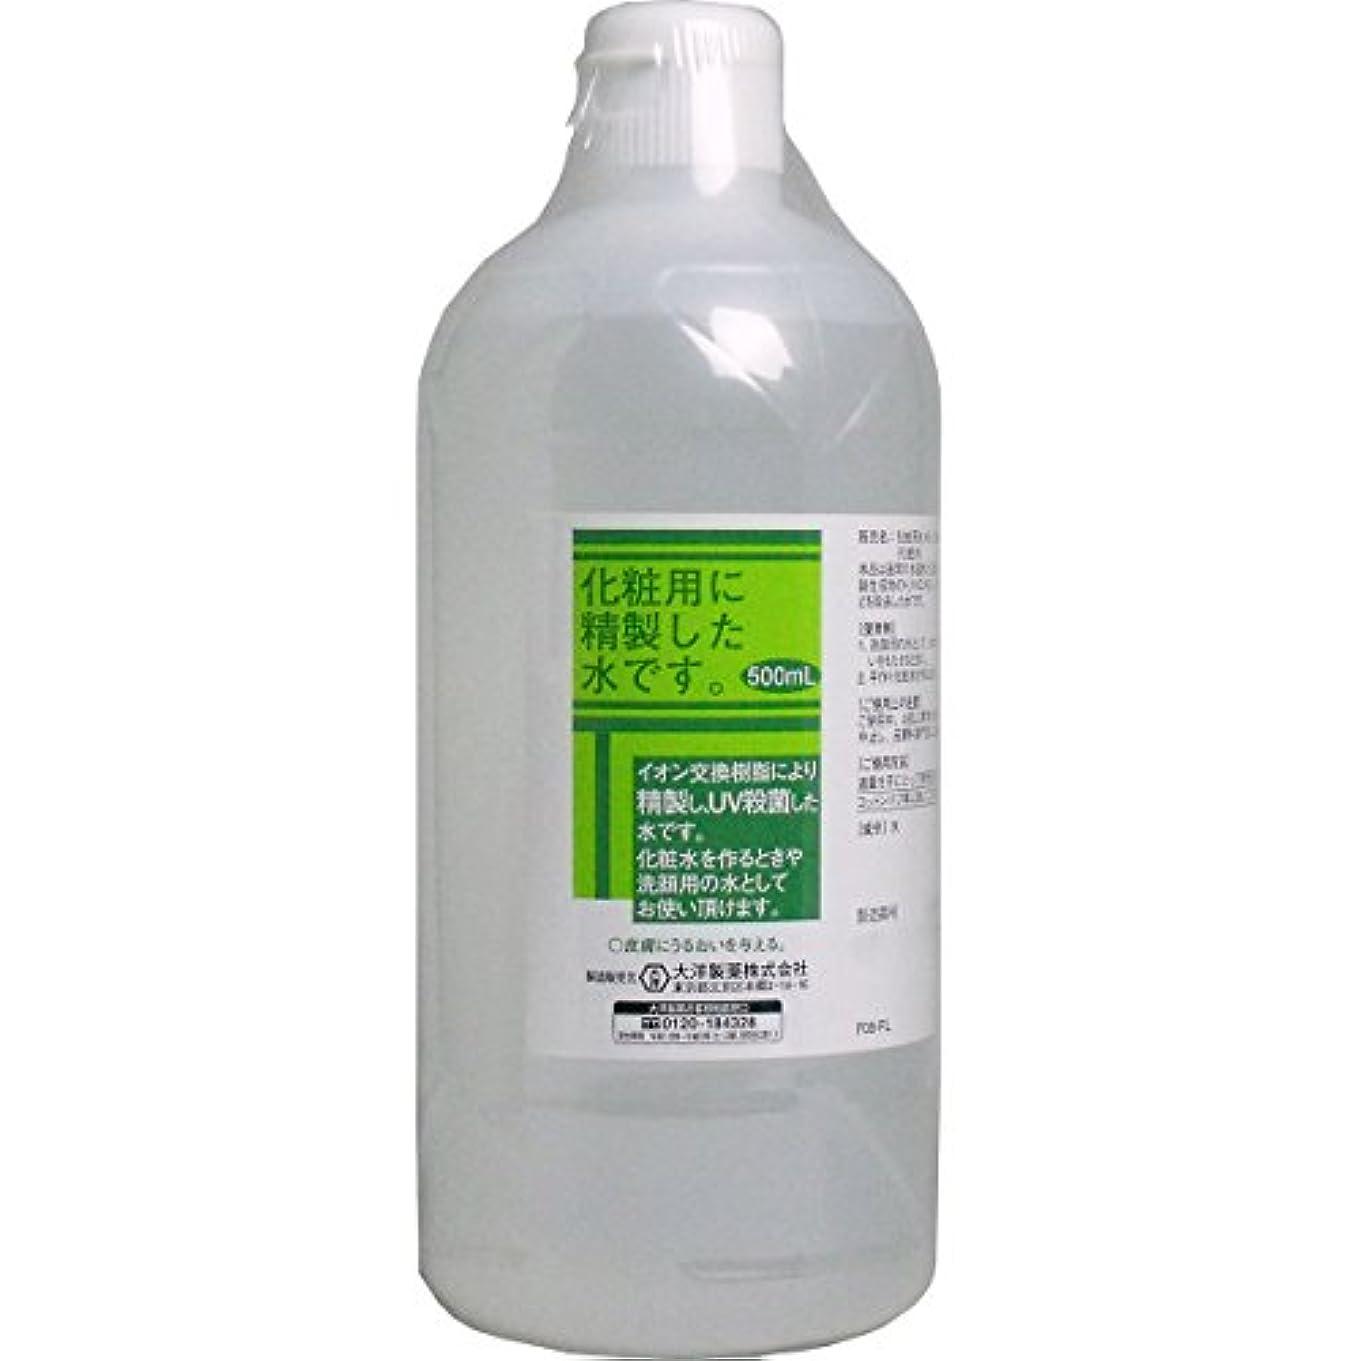 情熱驚わな化粧用 精製水 HG 500ml (500ml×5本)